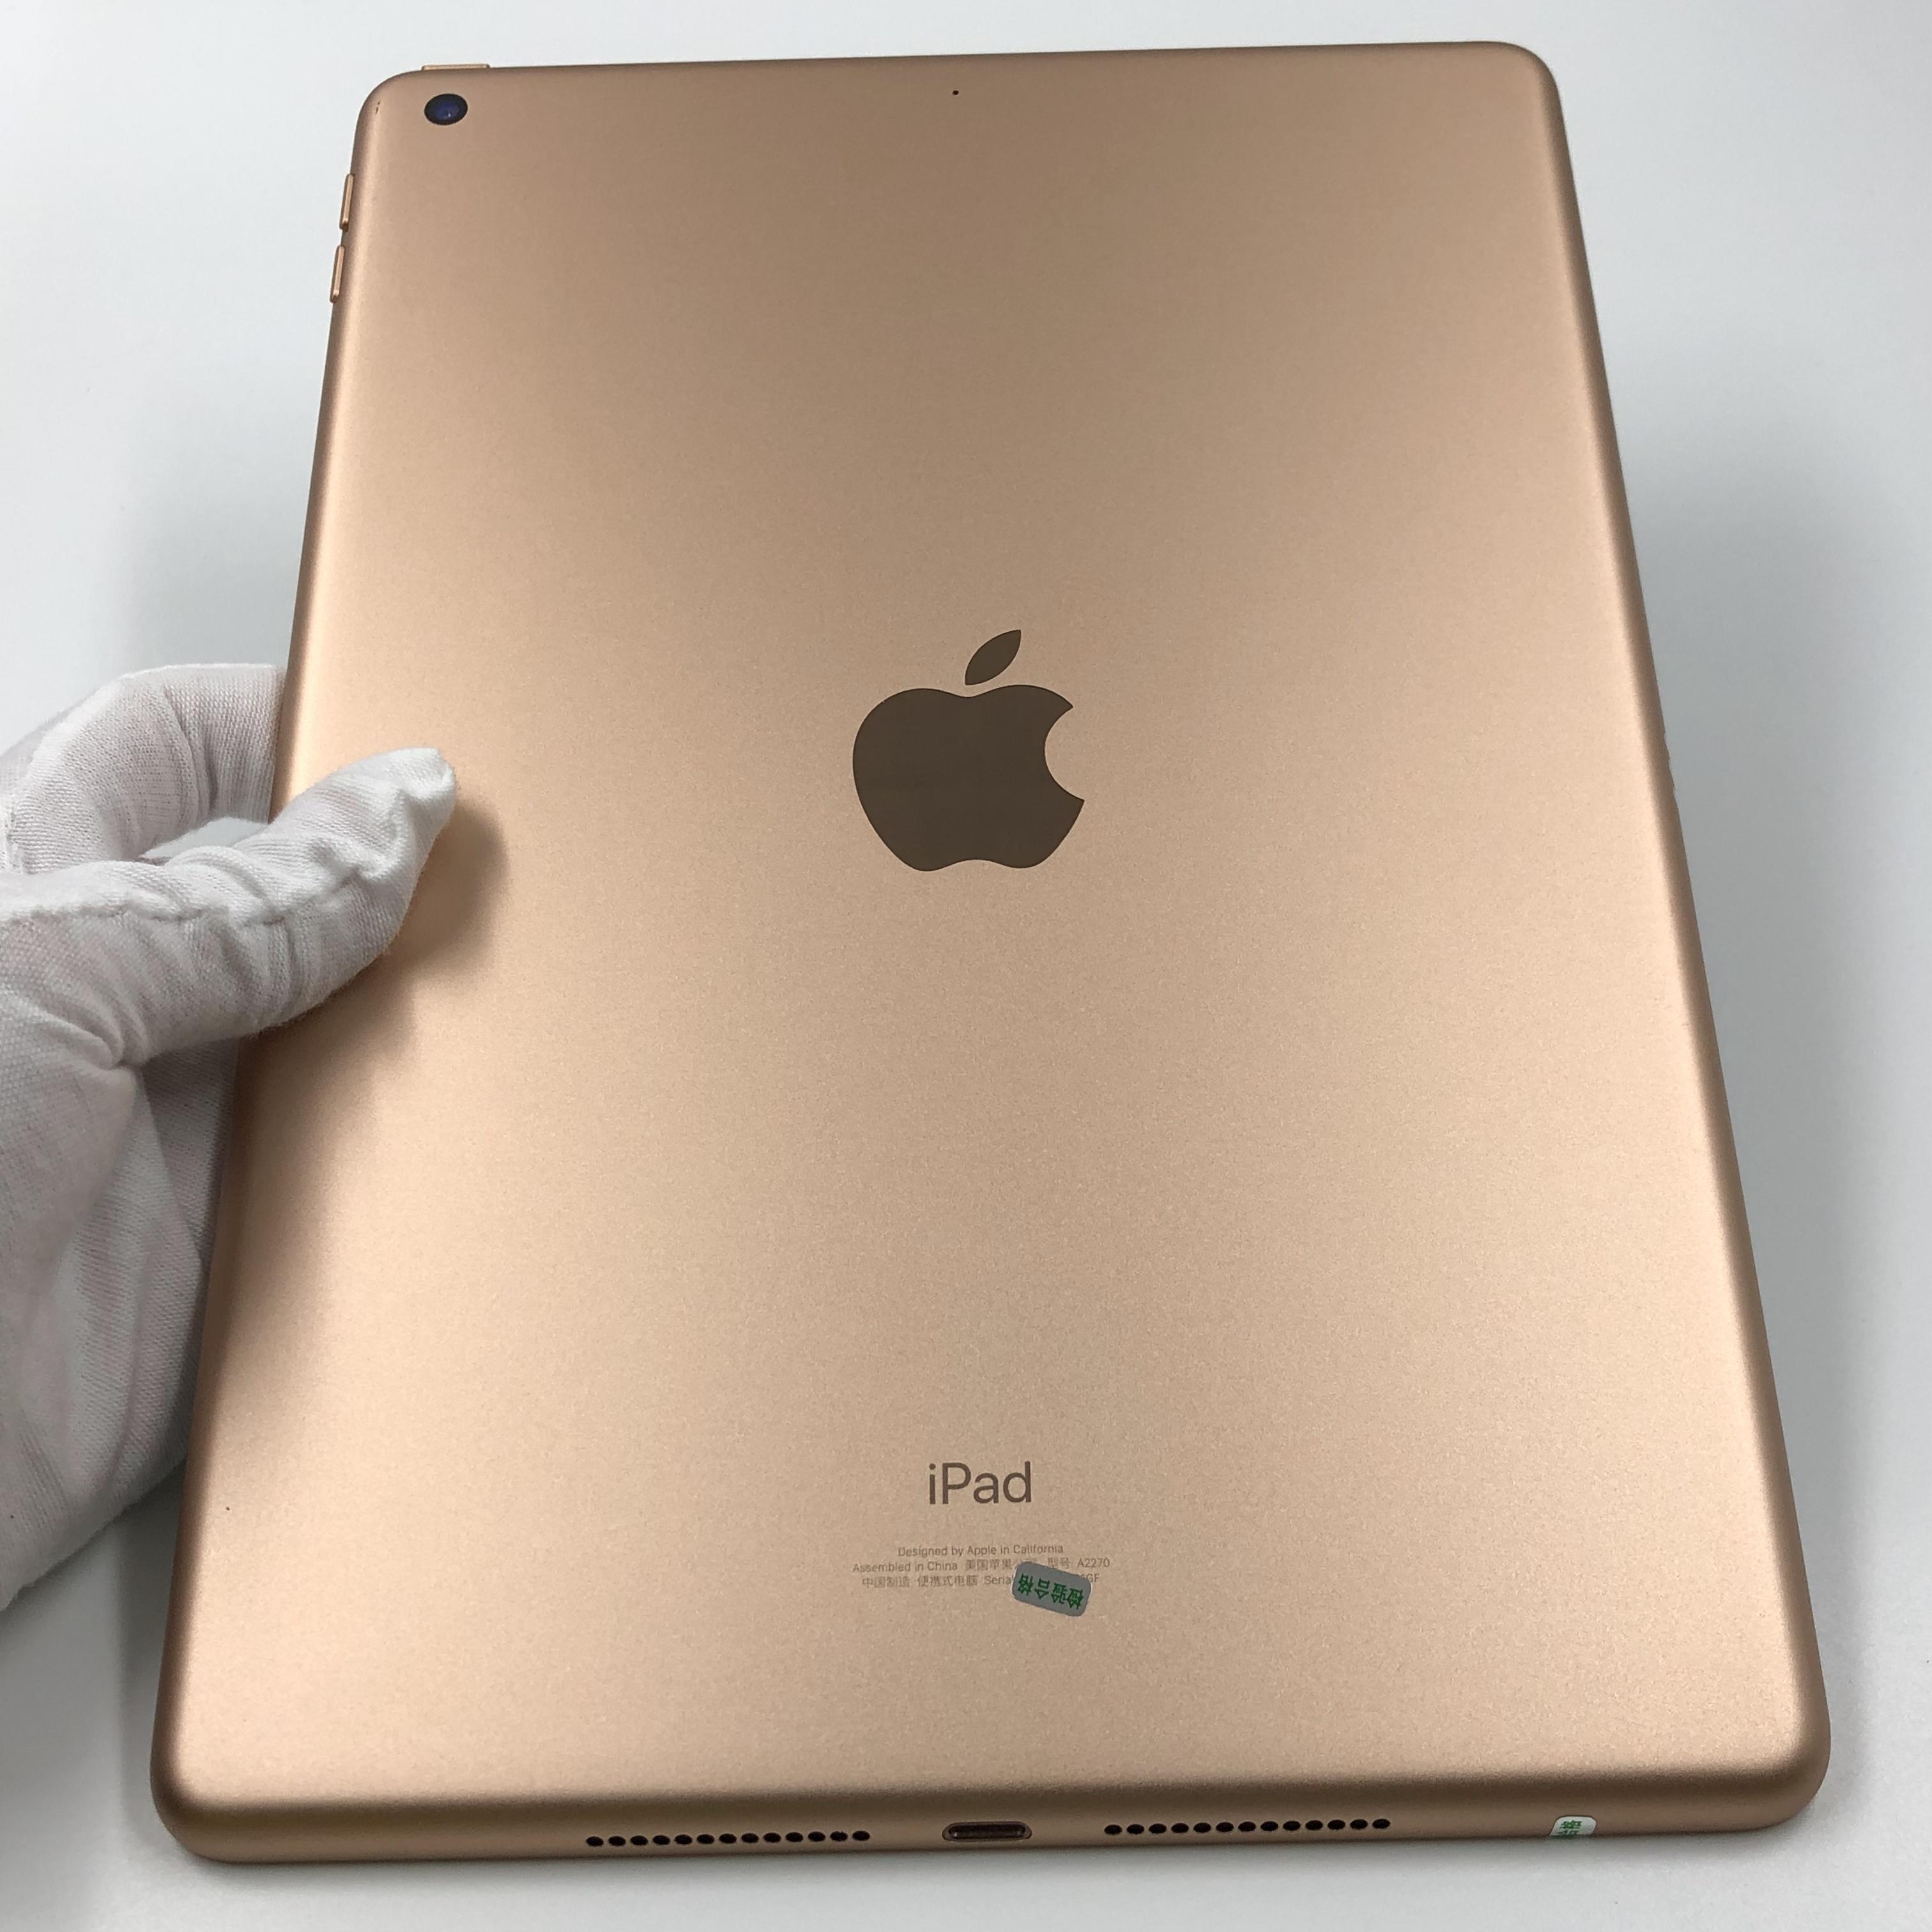 苹果【iPad8 10.2英寸 20款】WIFI版 金色 32G 国行 99新 真机实拍官保2022-03-28